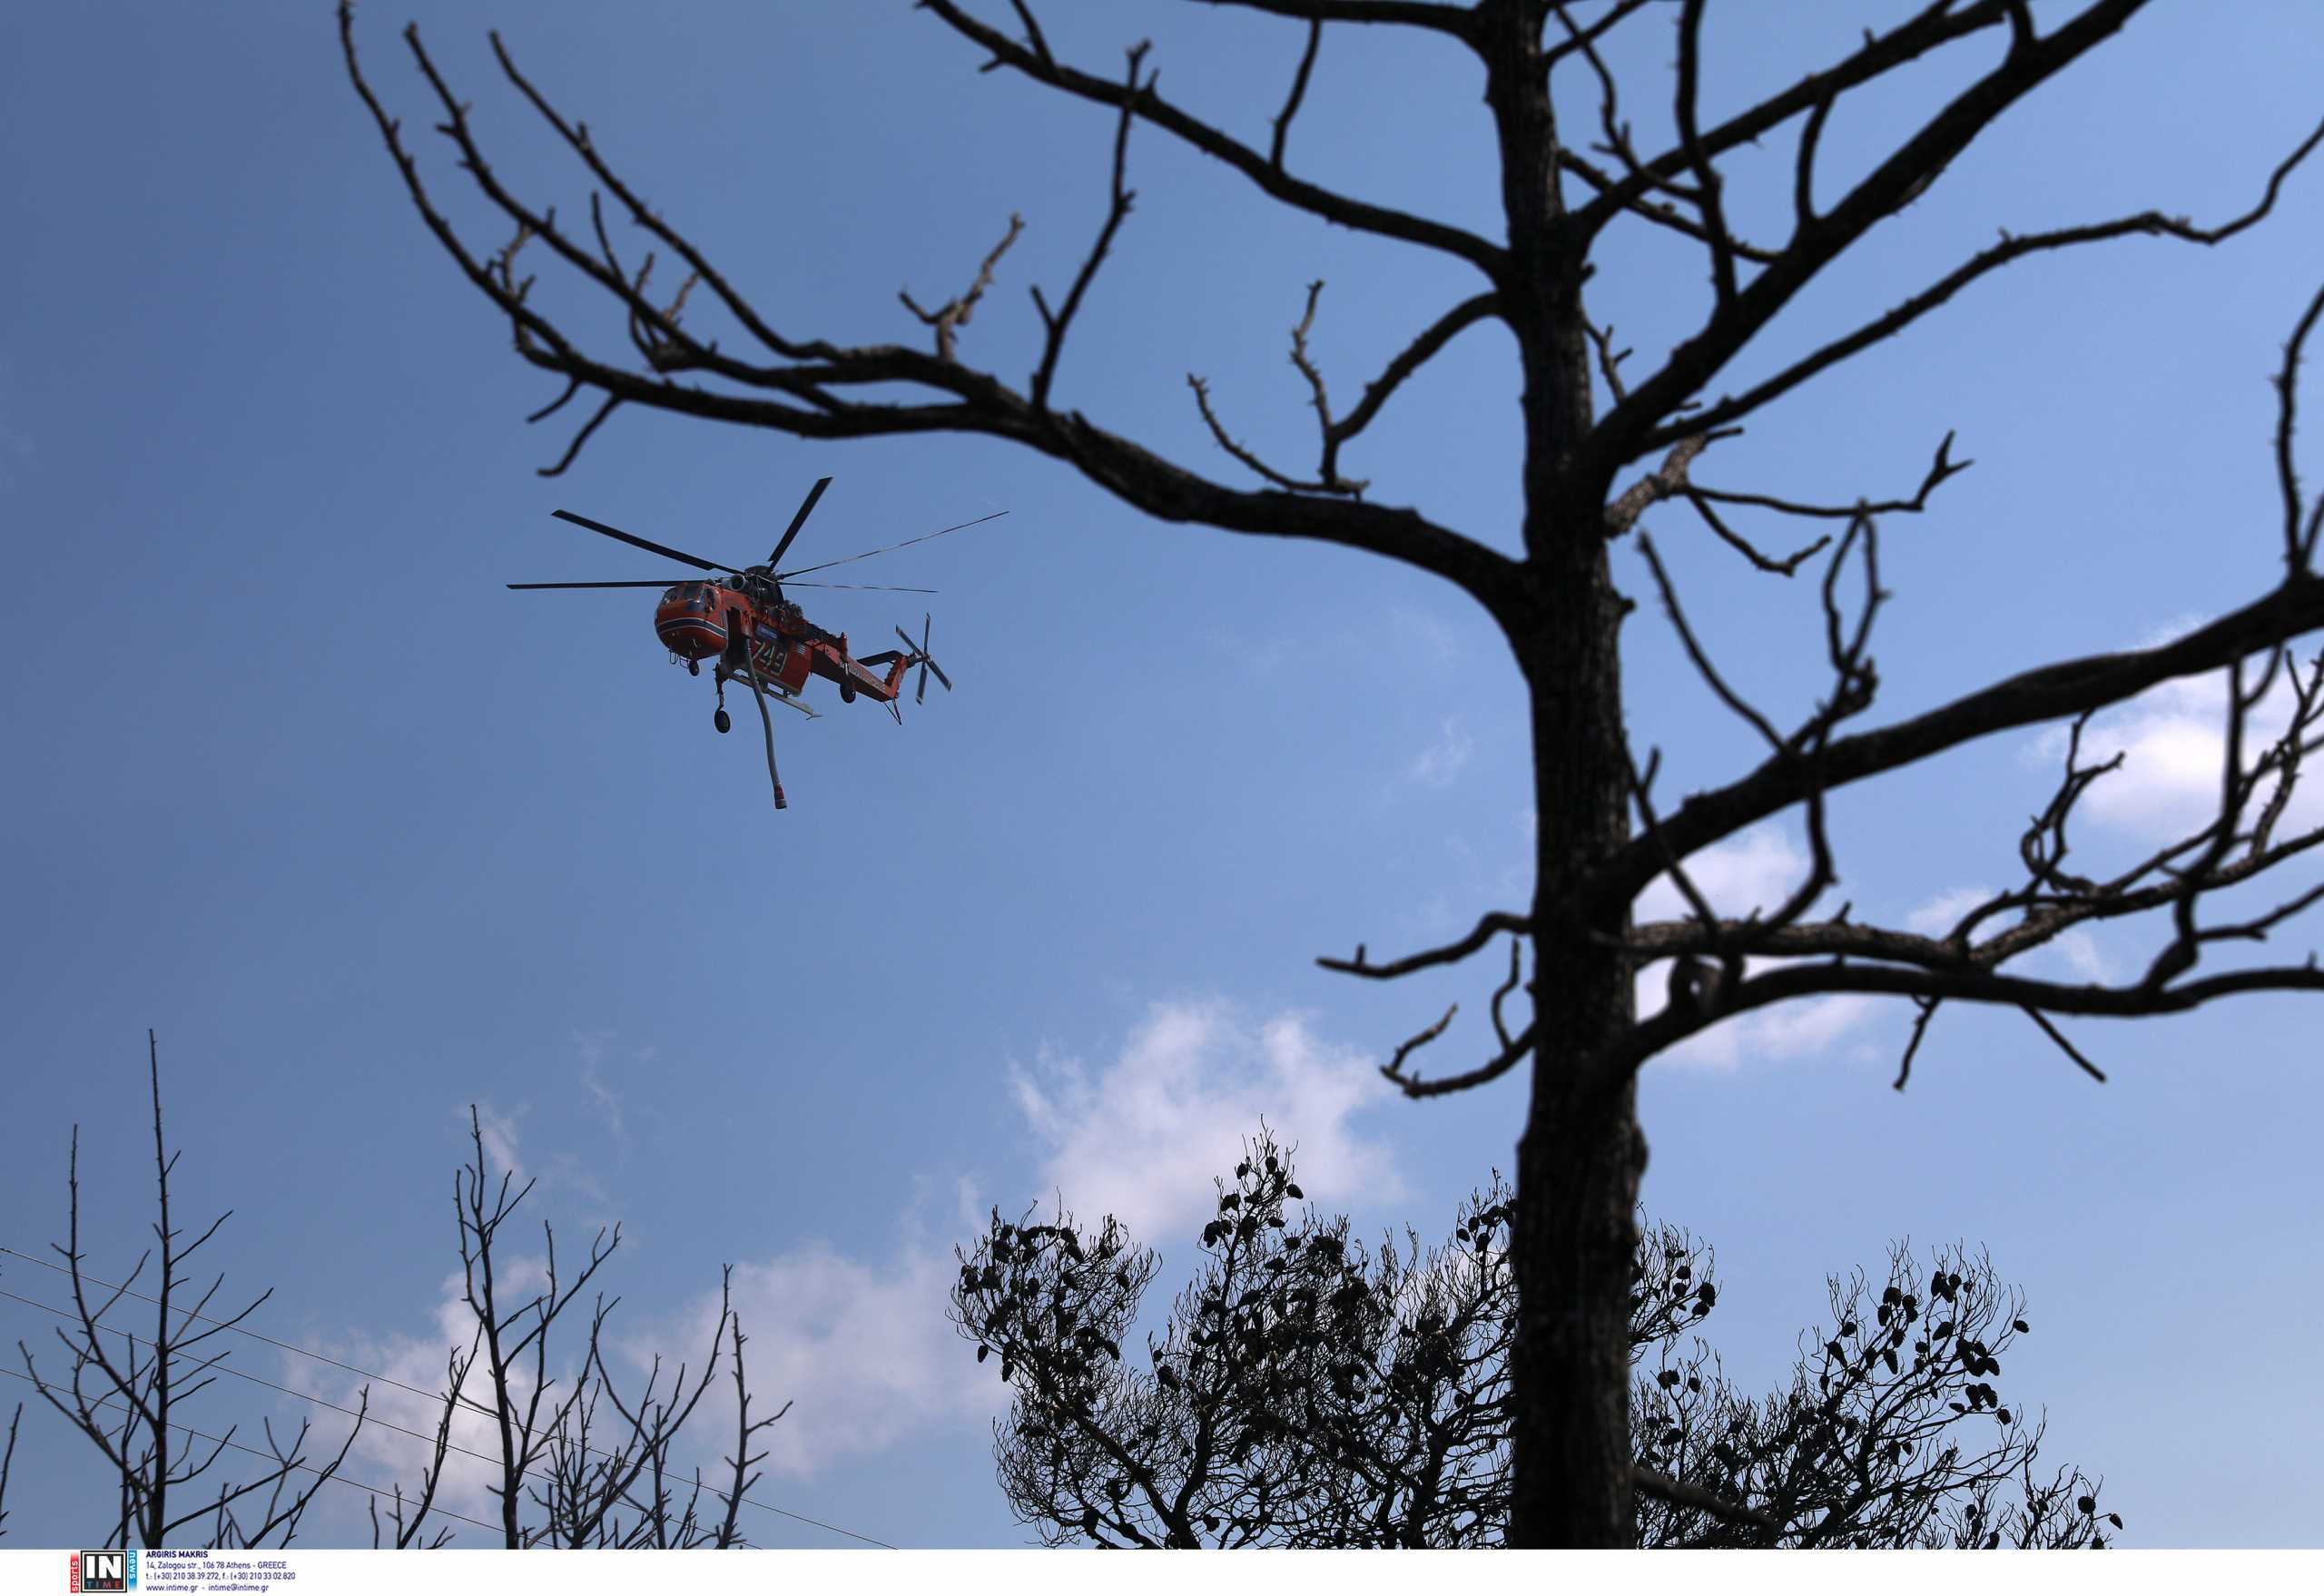 Φωτιά στα Βίλια: Στο νότιο κομμάτι επικεντρωμένες όλες οι δυνάμεις της Πυροσβεστικής από γη και αέρα